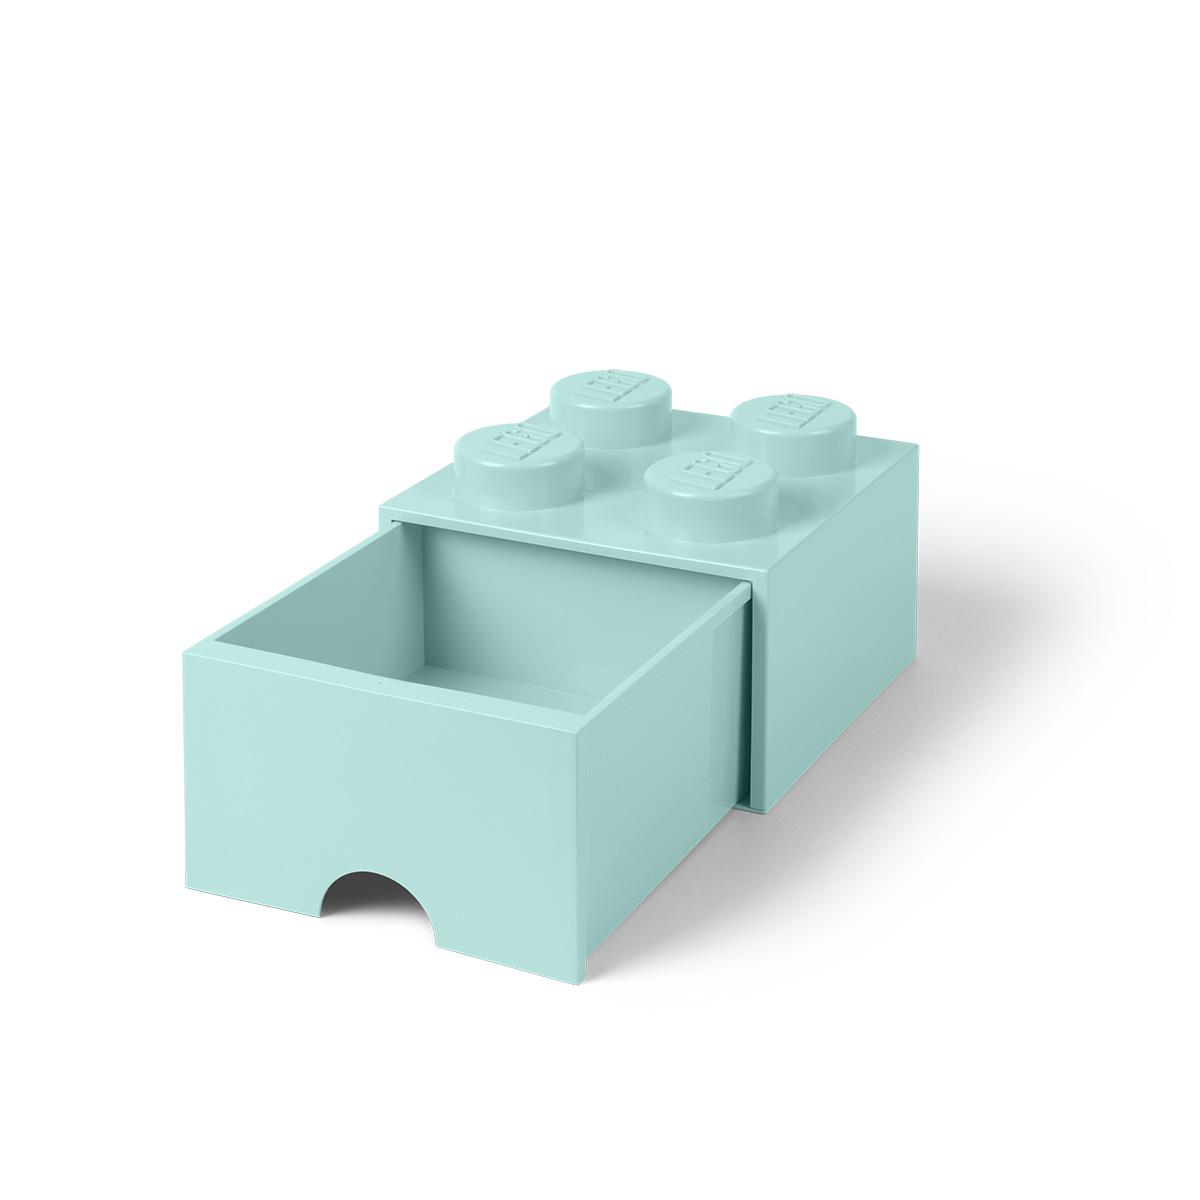 LEGO opbevaringskasse med 1 skuffe - Turkis